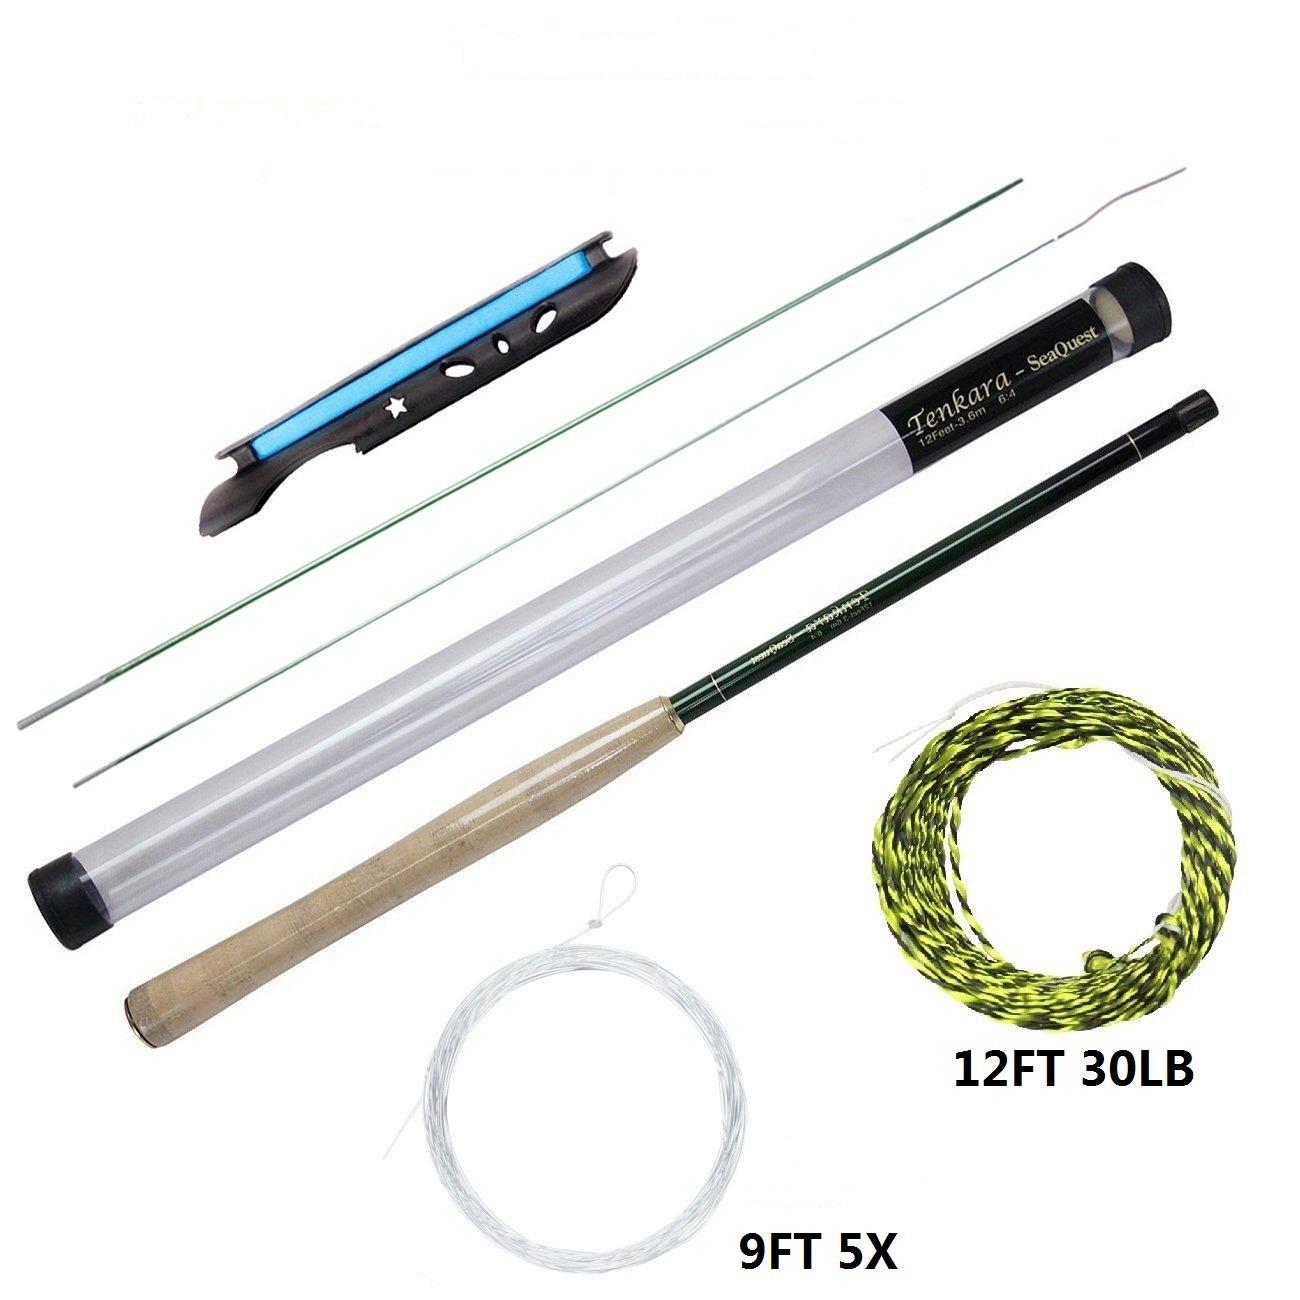 Seaquest Tenkara Rod 12FT Carbon Fiber Tenkara Rod Tenkara Line Tenkara Line Winder